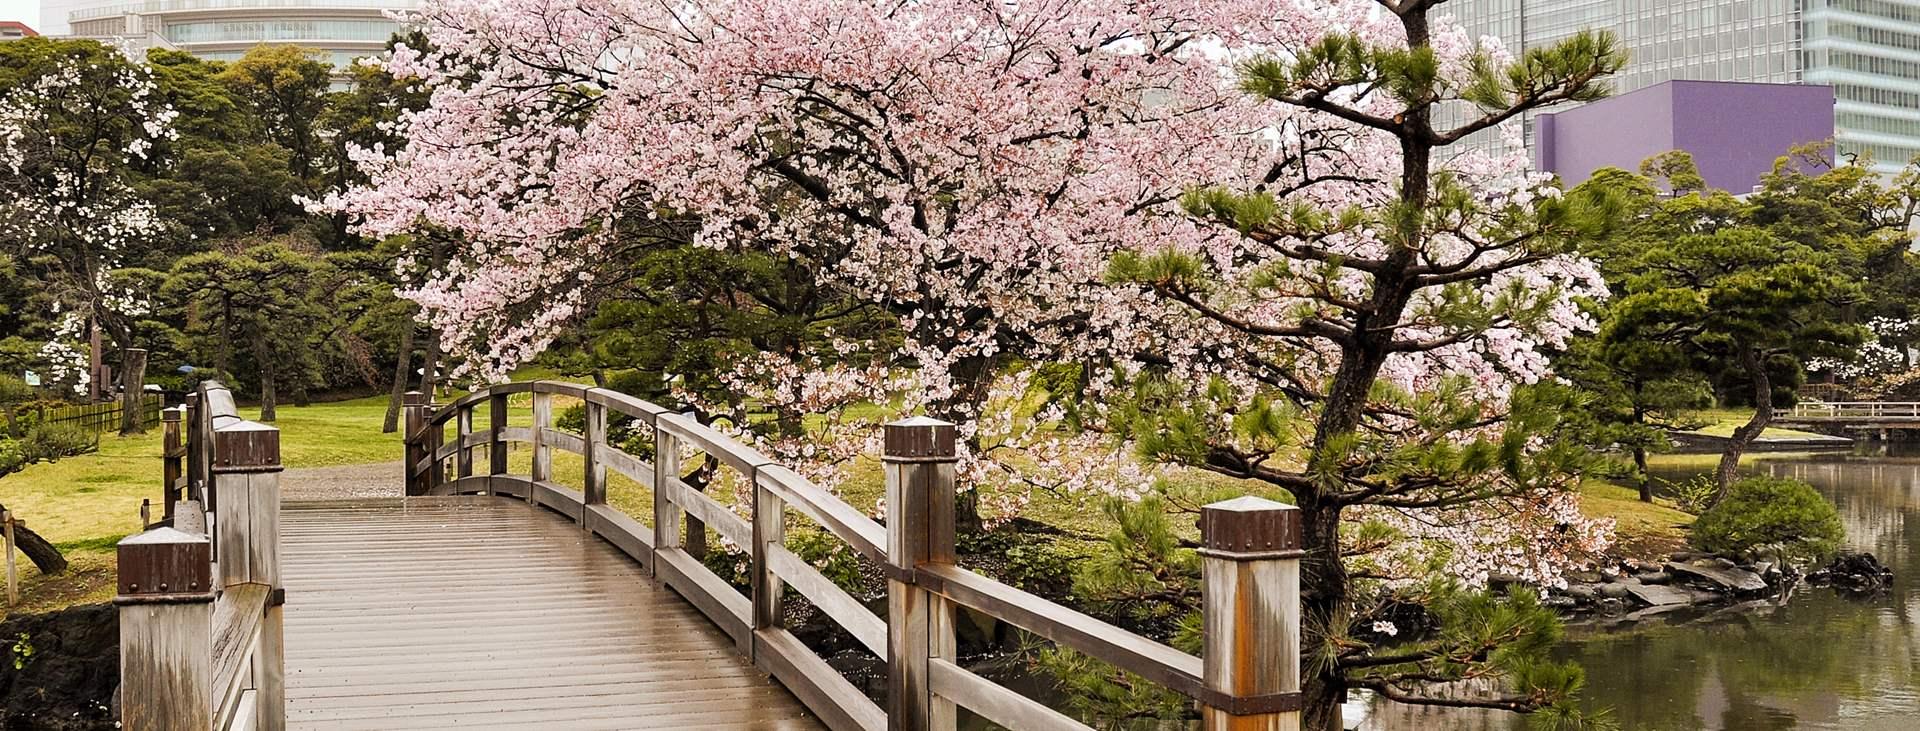 Lähde Japaniin ja varaa lennot + hotelli Tjäreborgilta